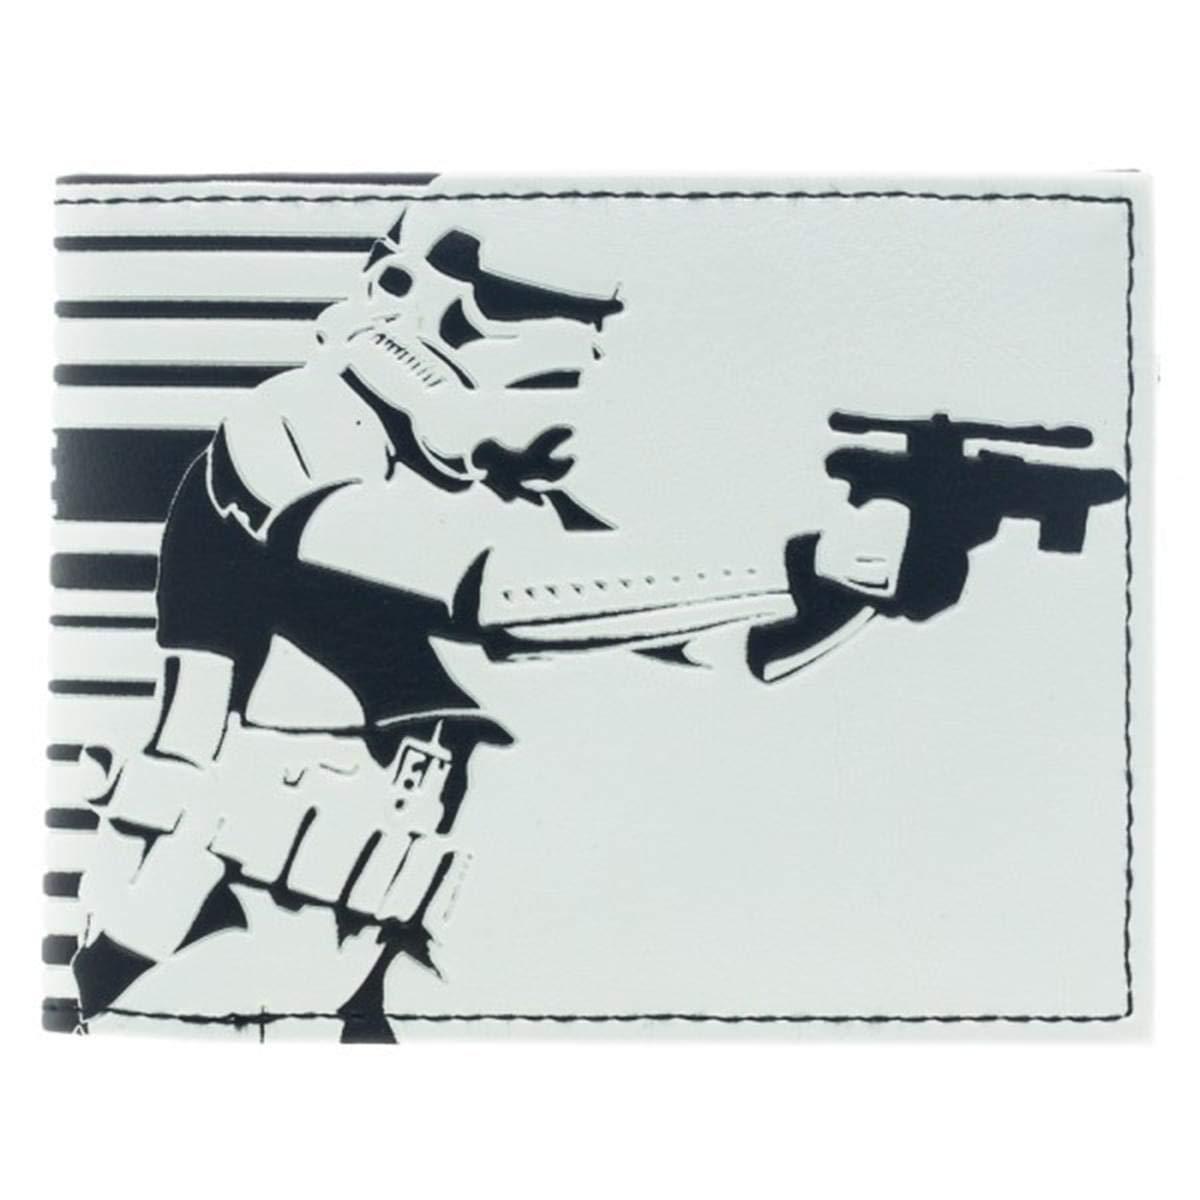 Wallet - Star Wars - Storm Trooper White Bi-Fold New Licensed Gifts mw1zu2stw B00W0LI770